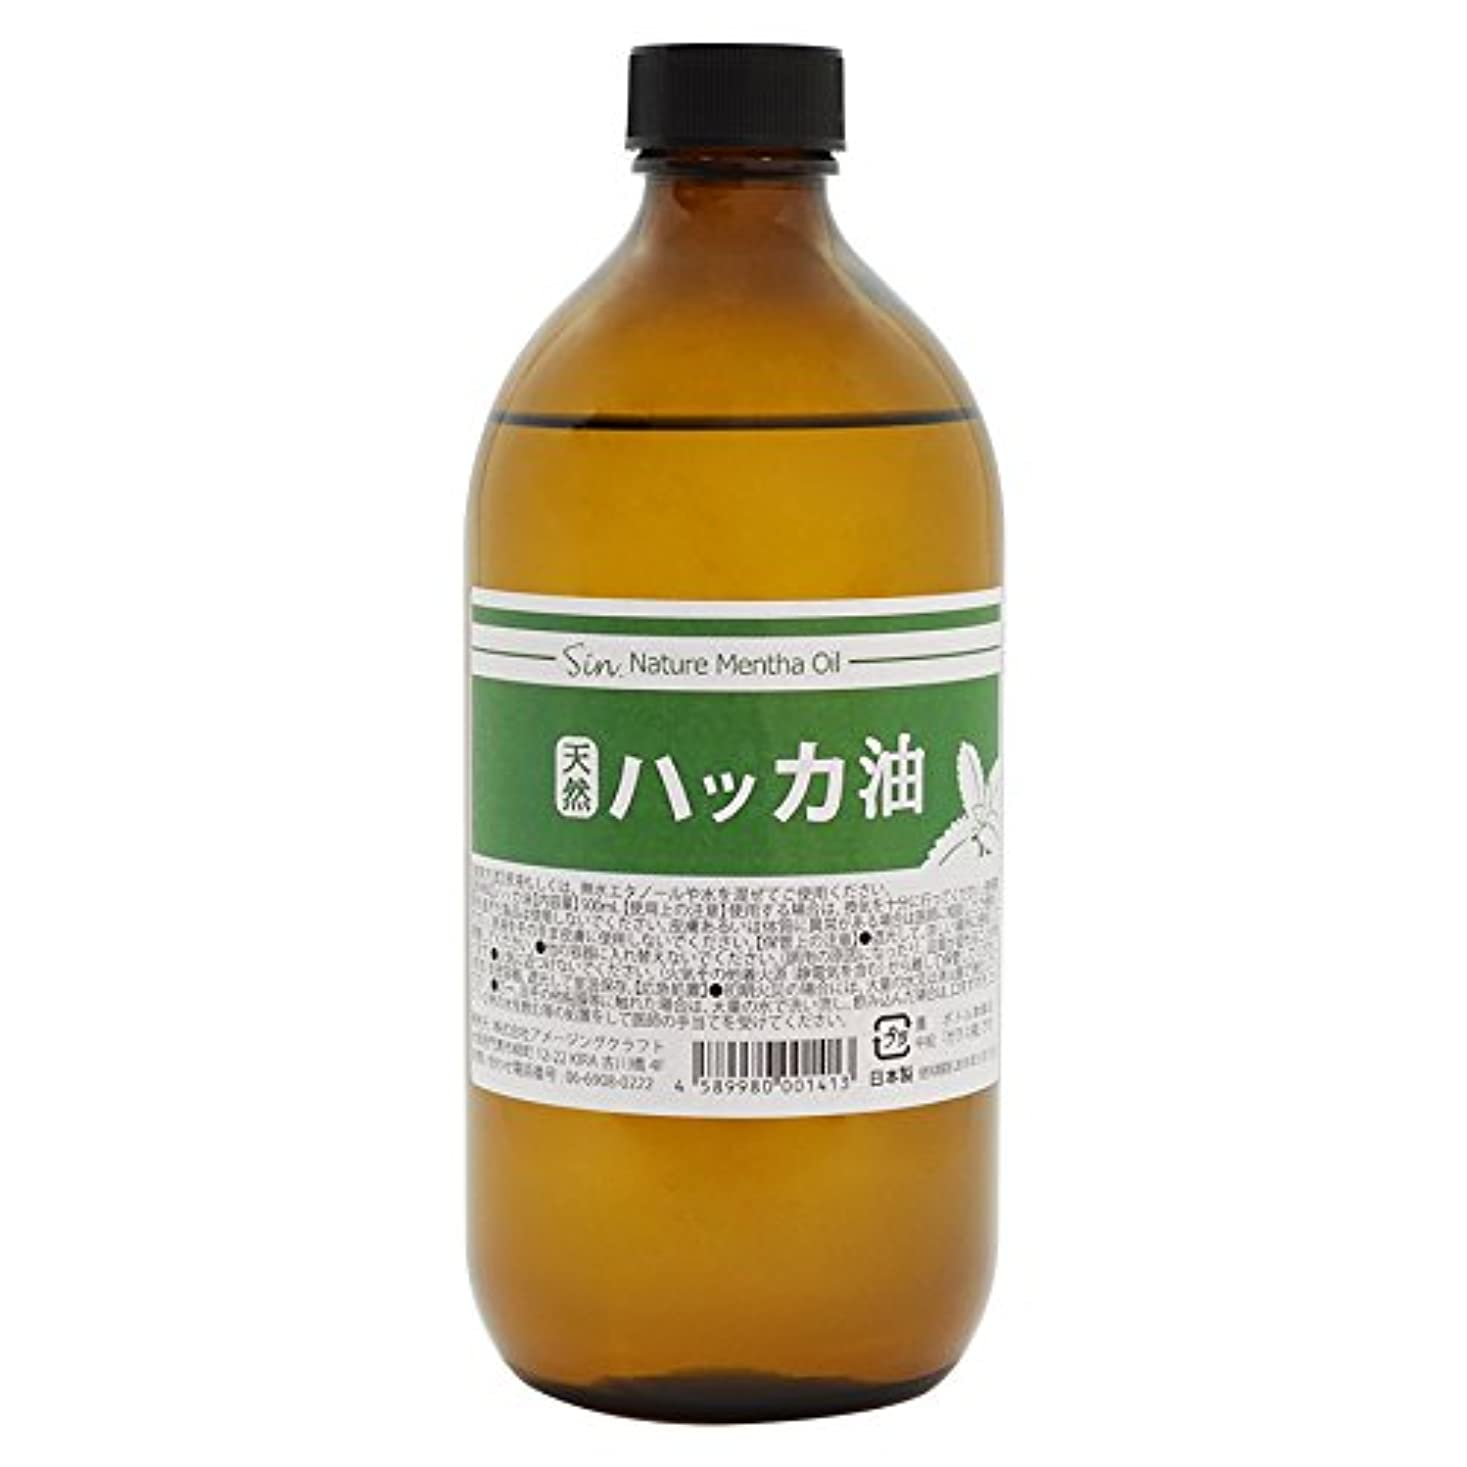 許容にじみ出る動詞日本製 天然ハッカ油(ハッカオイル) お徳用500ml 中栓付き